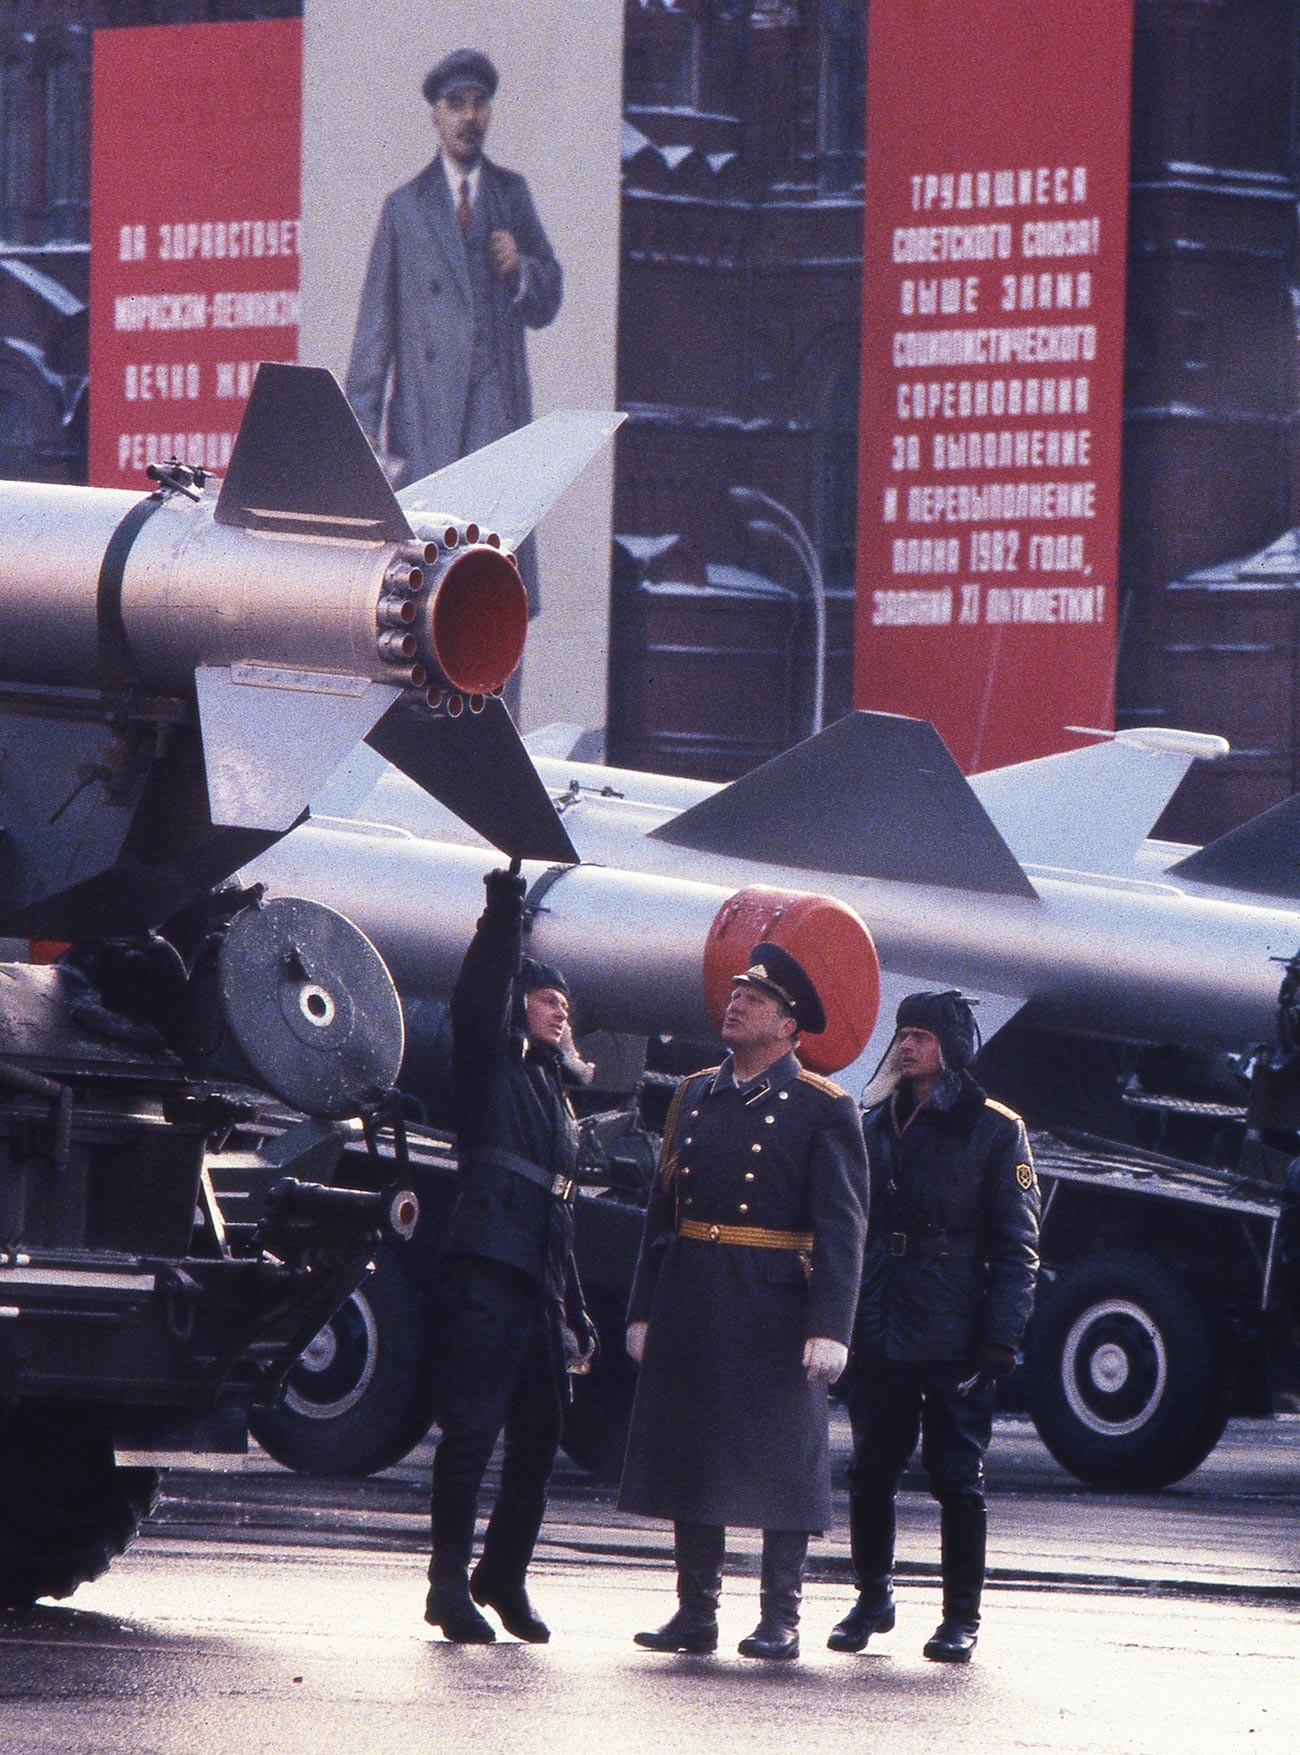 Официр са војницима испод ракете која може да носи нуклеарну бојеву главу пред почетак параде на Црвеном тргу поводом 65. годишњице Октобарске револуције.